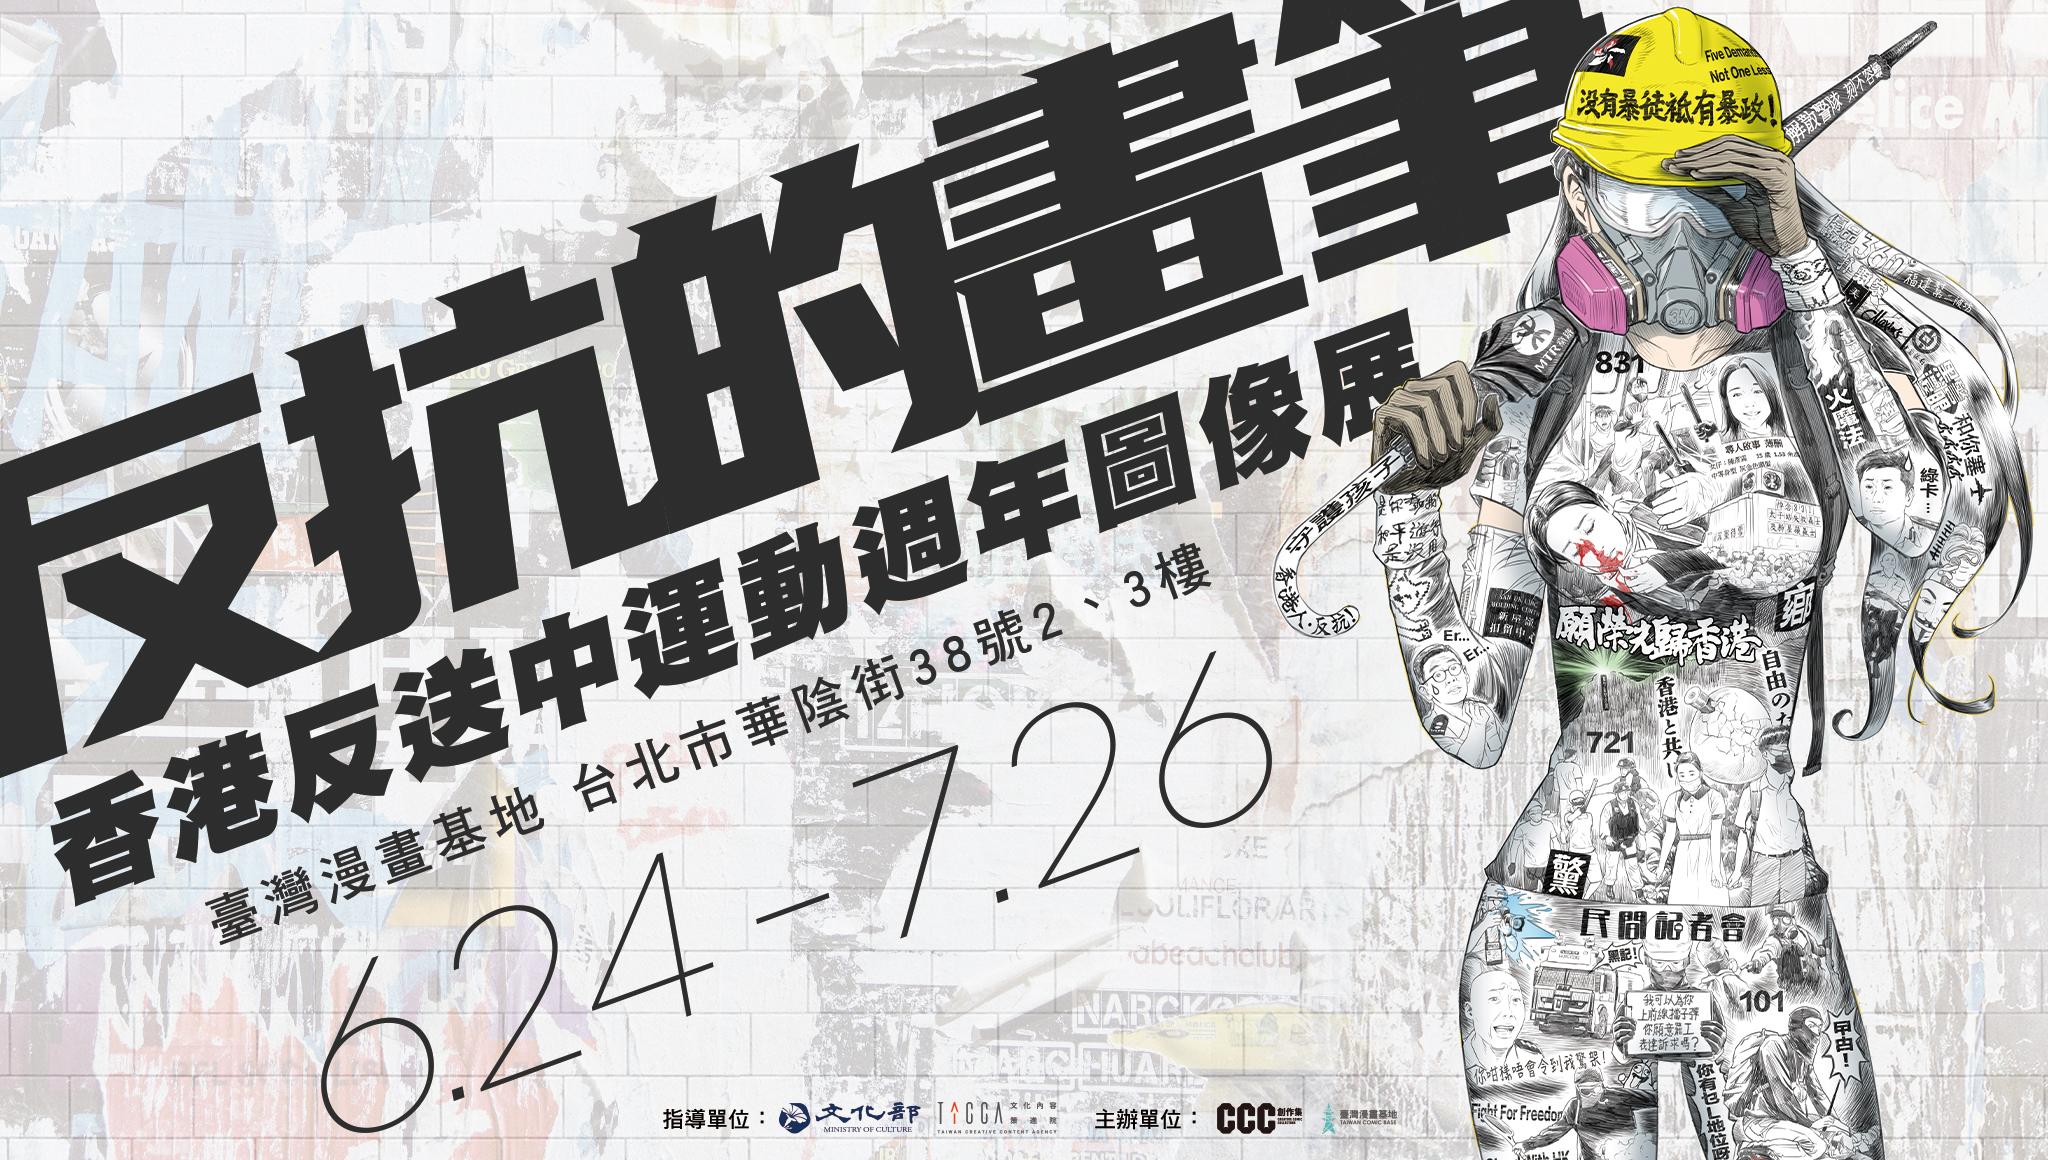 【基地特展】反抗的畫筆──香港反送中運動週年圖像展